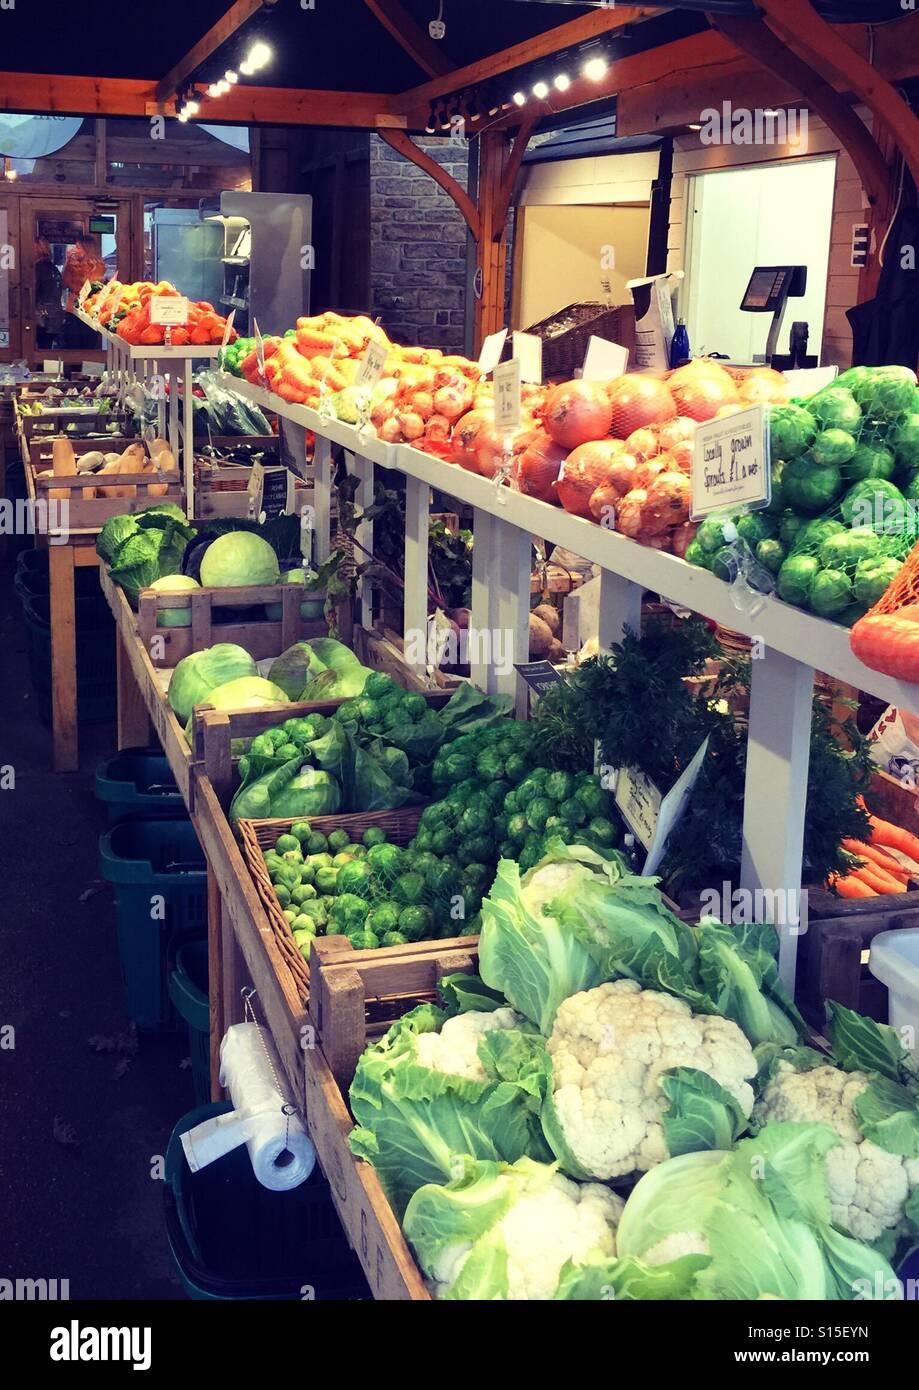 Frutas y verduras con mucho calado de hortalizas de invierno Imagen De Stock